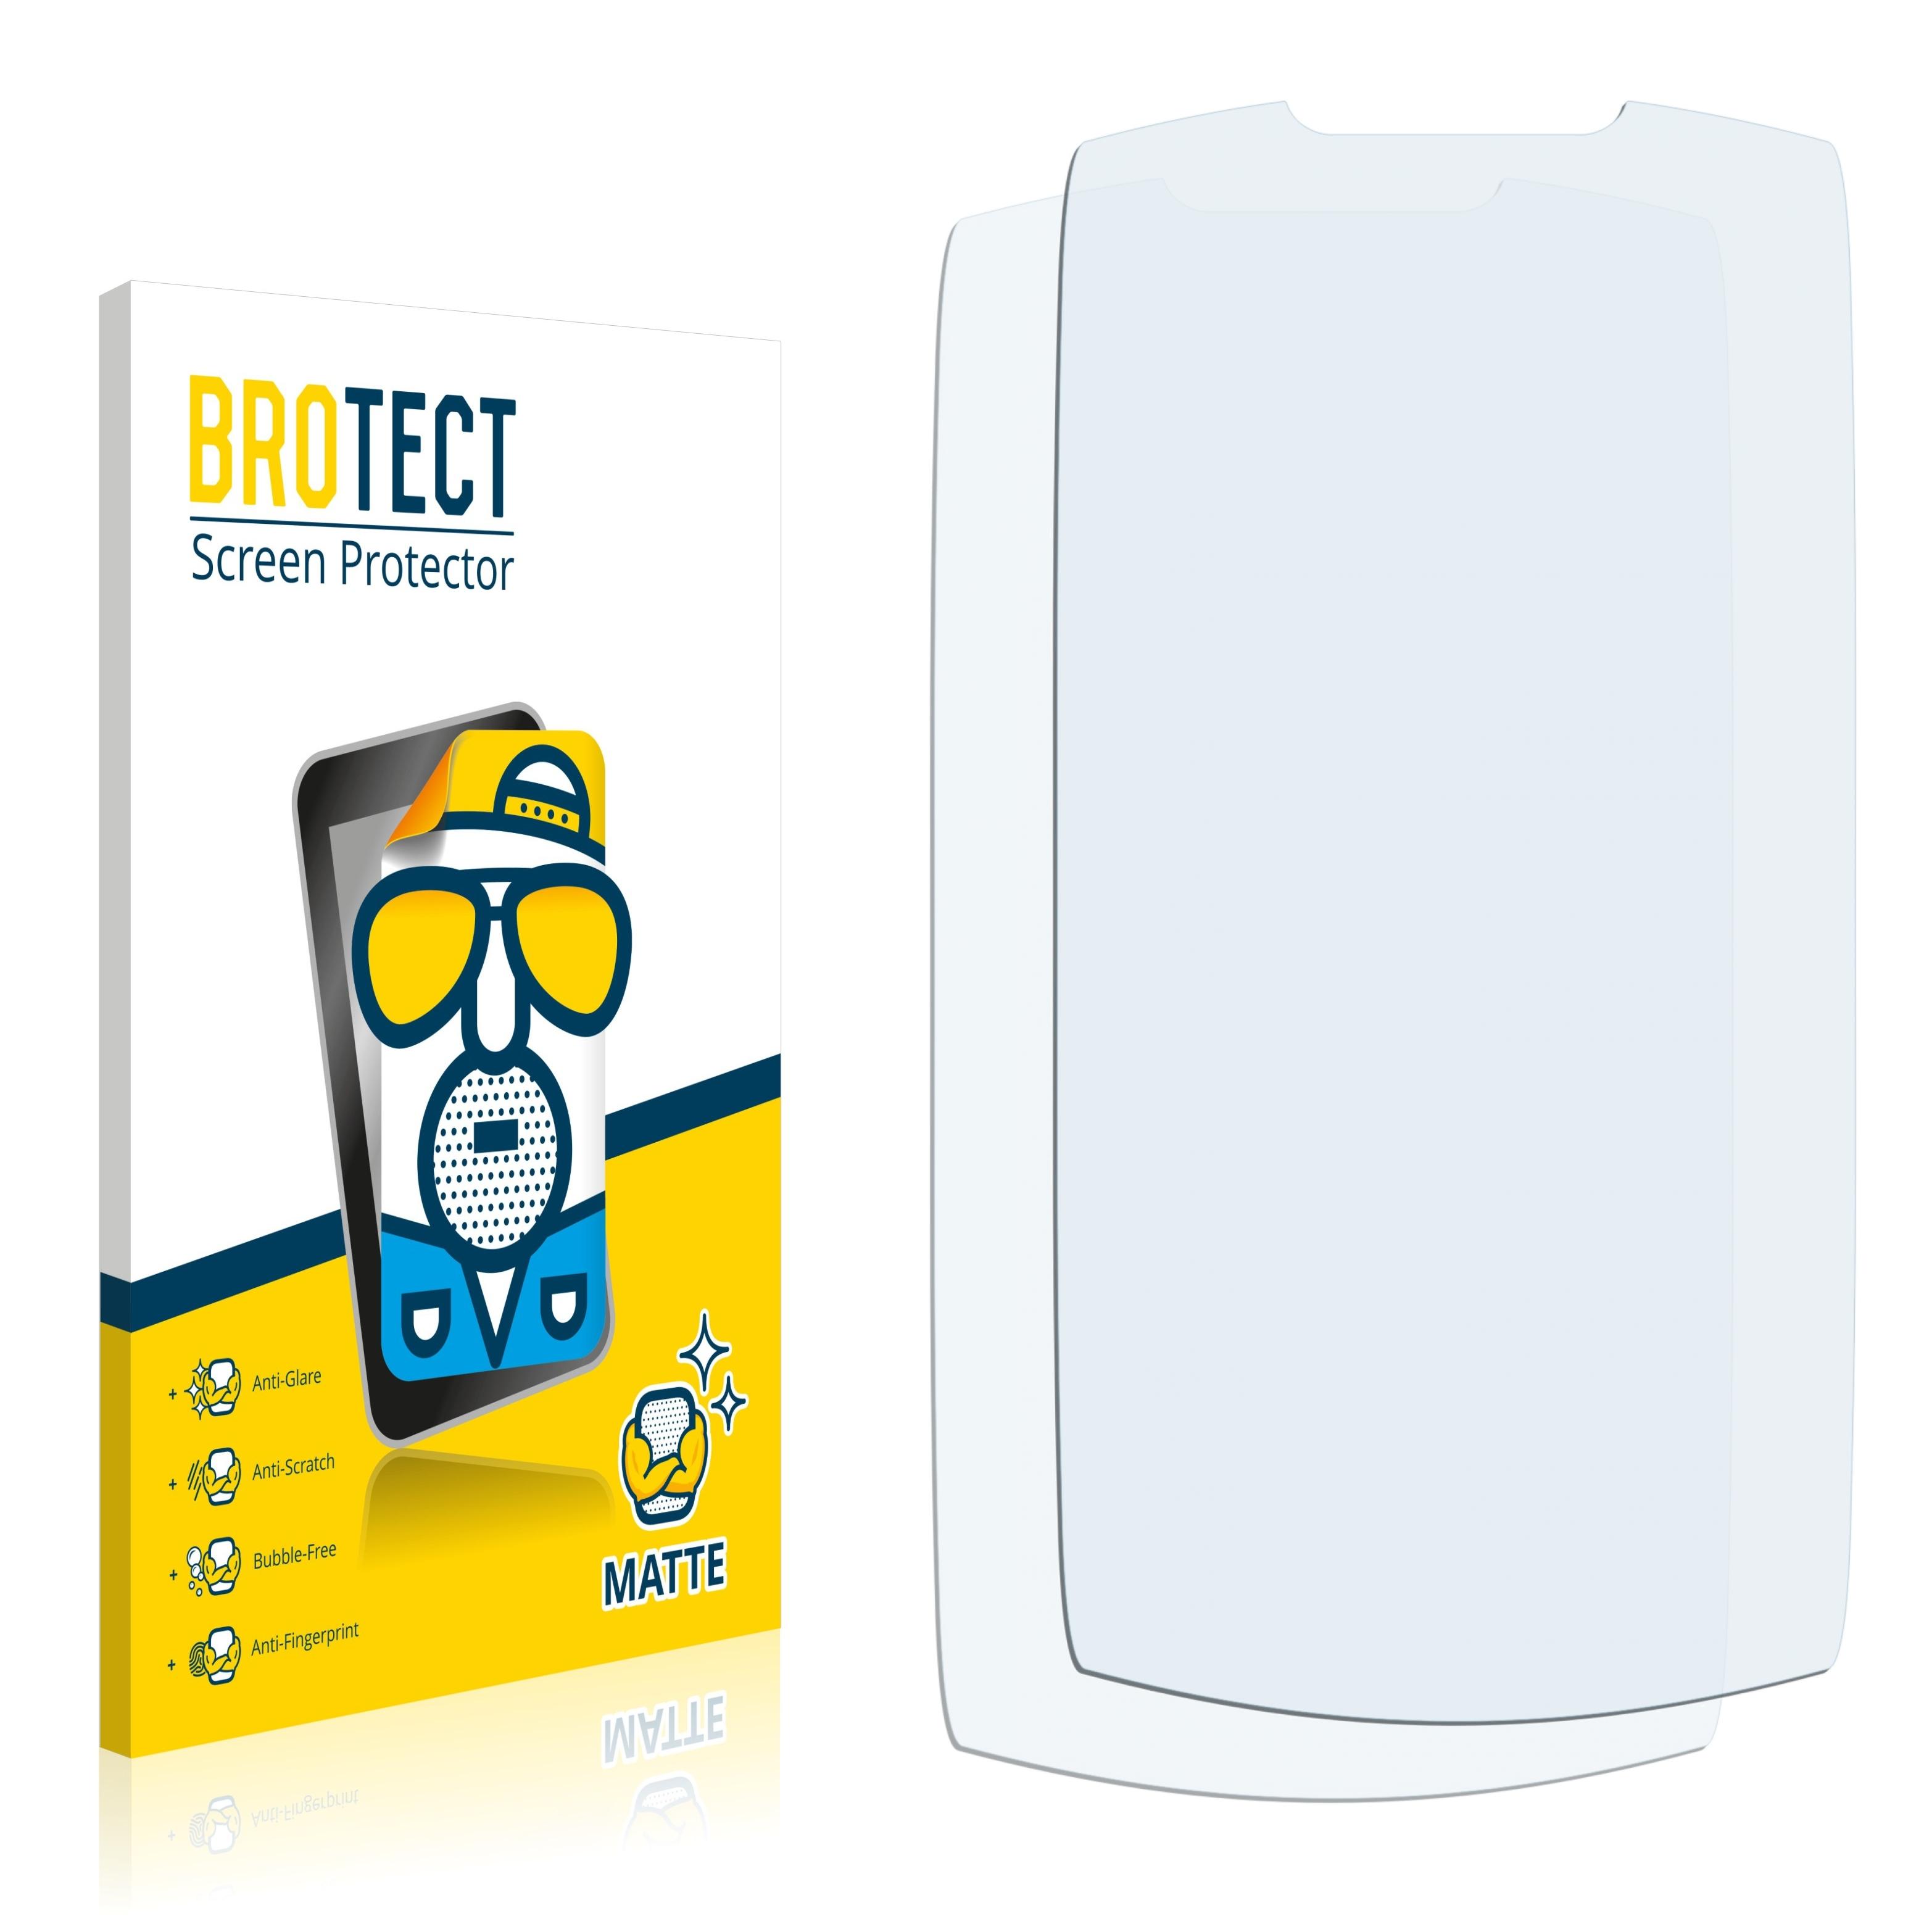 Matná ochranná fólie BROTECT pro Acer Liquid Glow, 2 ks